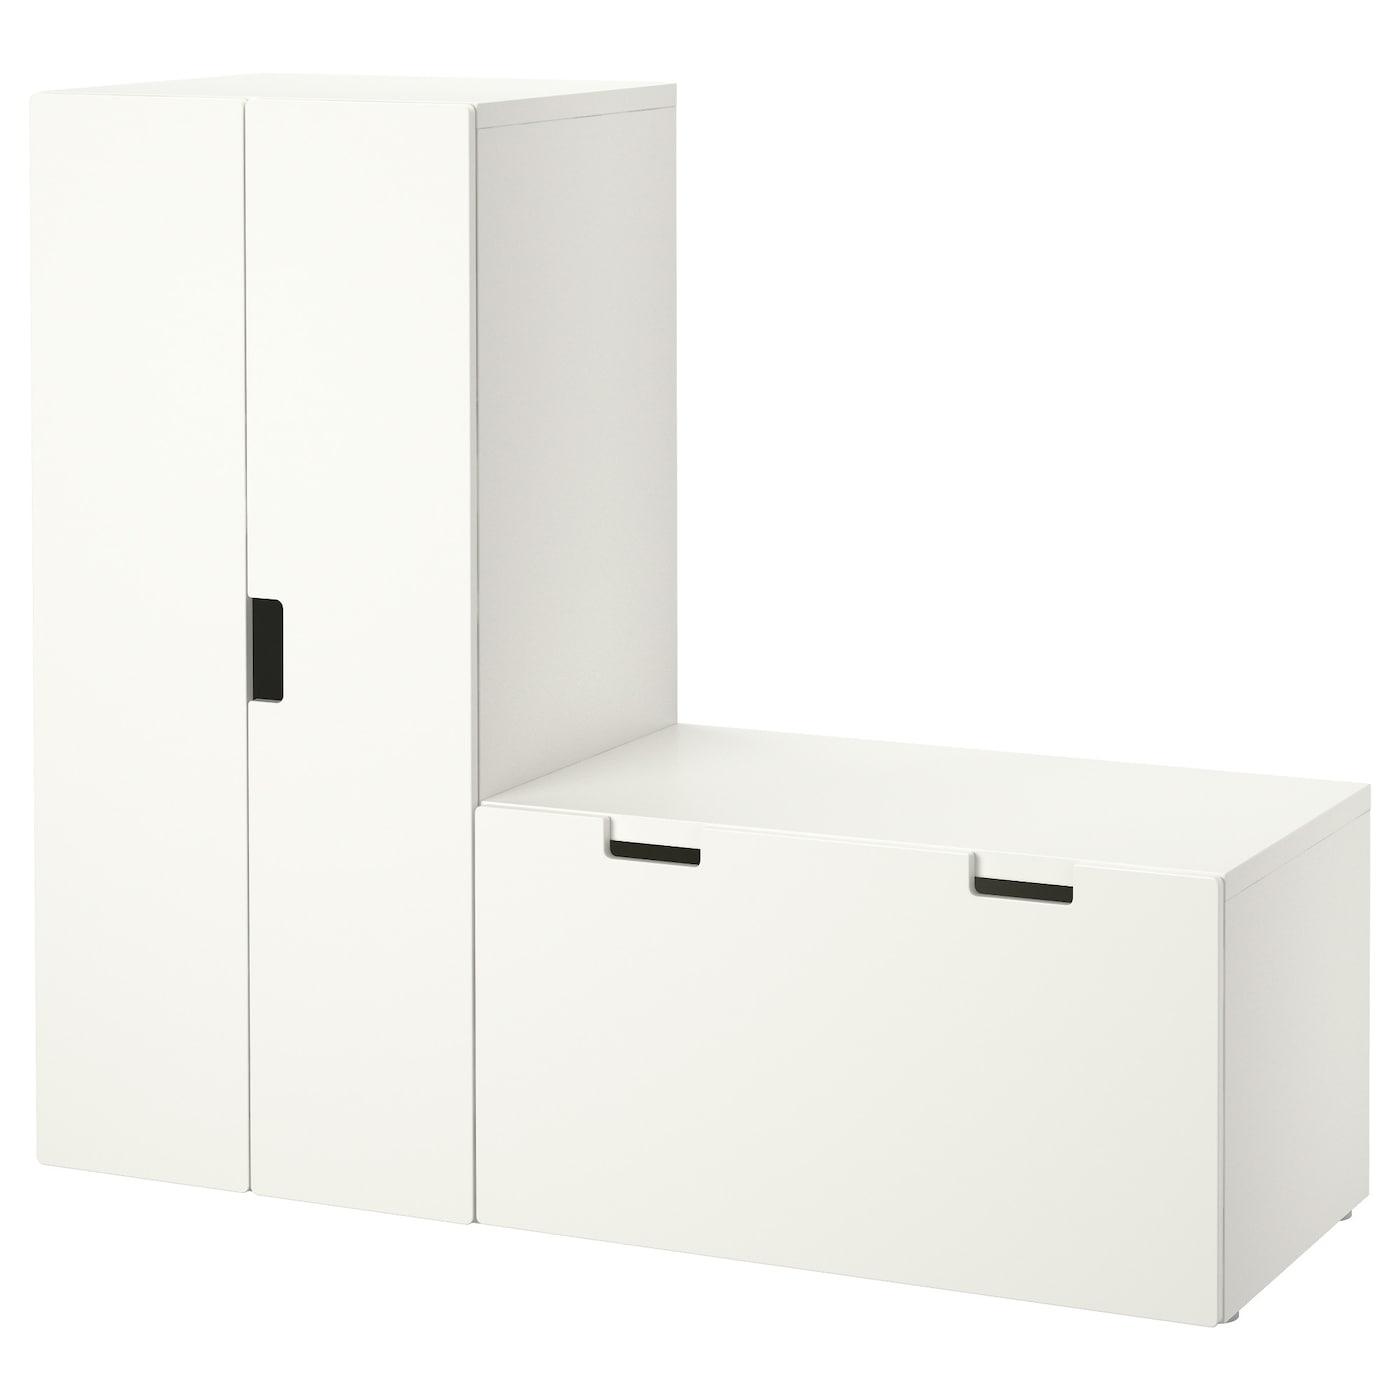 Combinaisons Stuva # Ikea Banc Bas